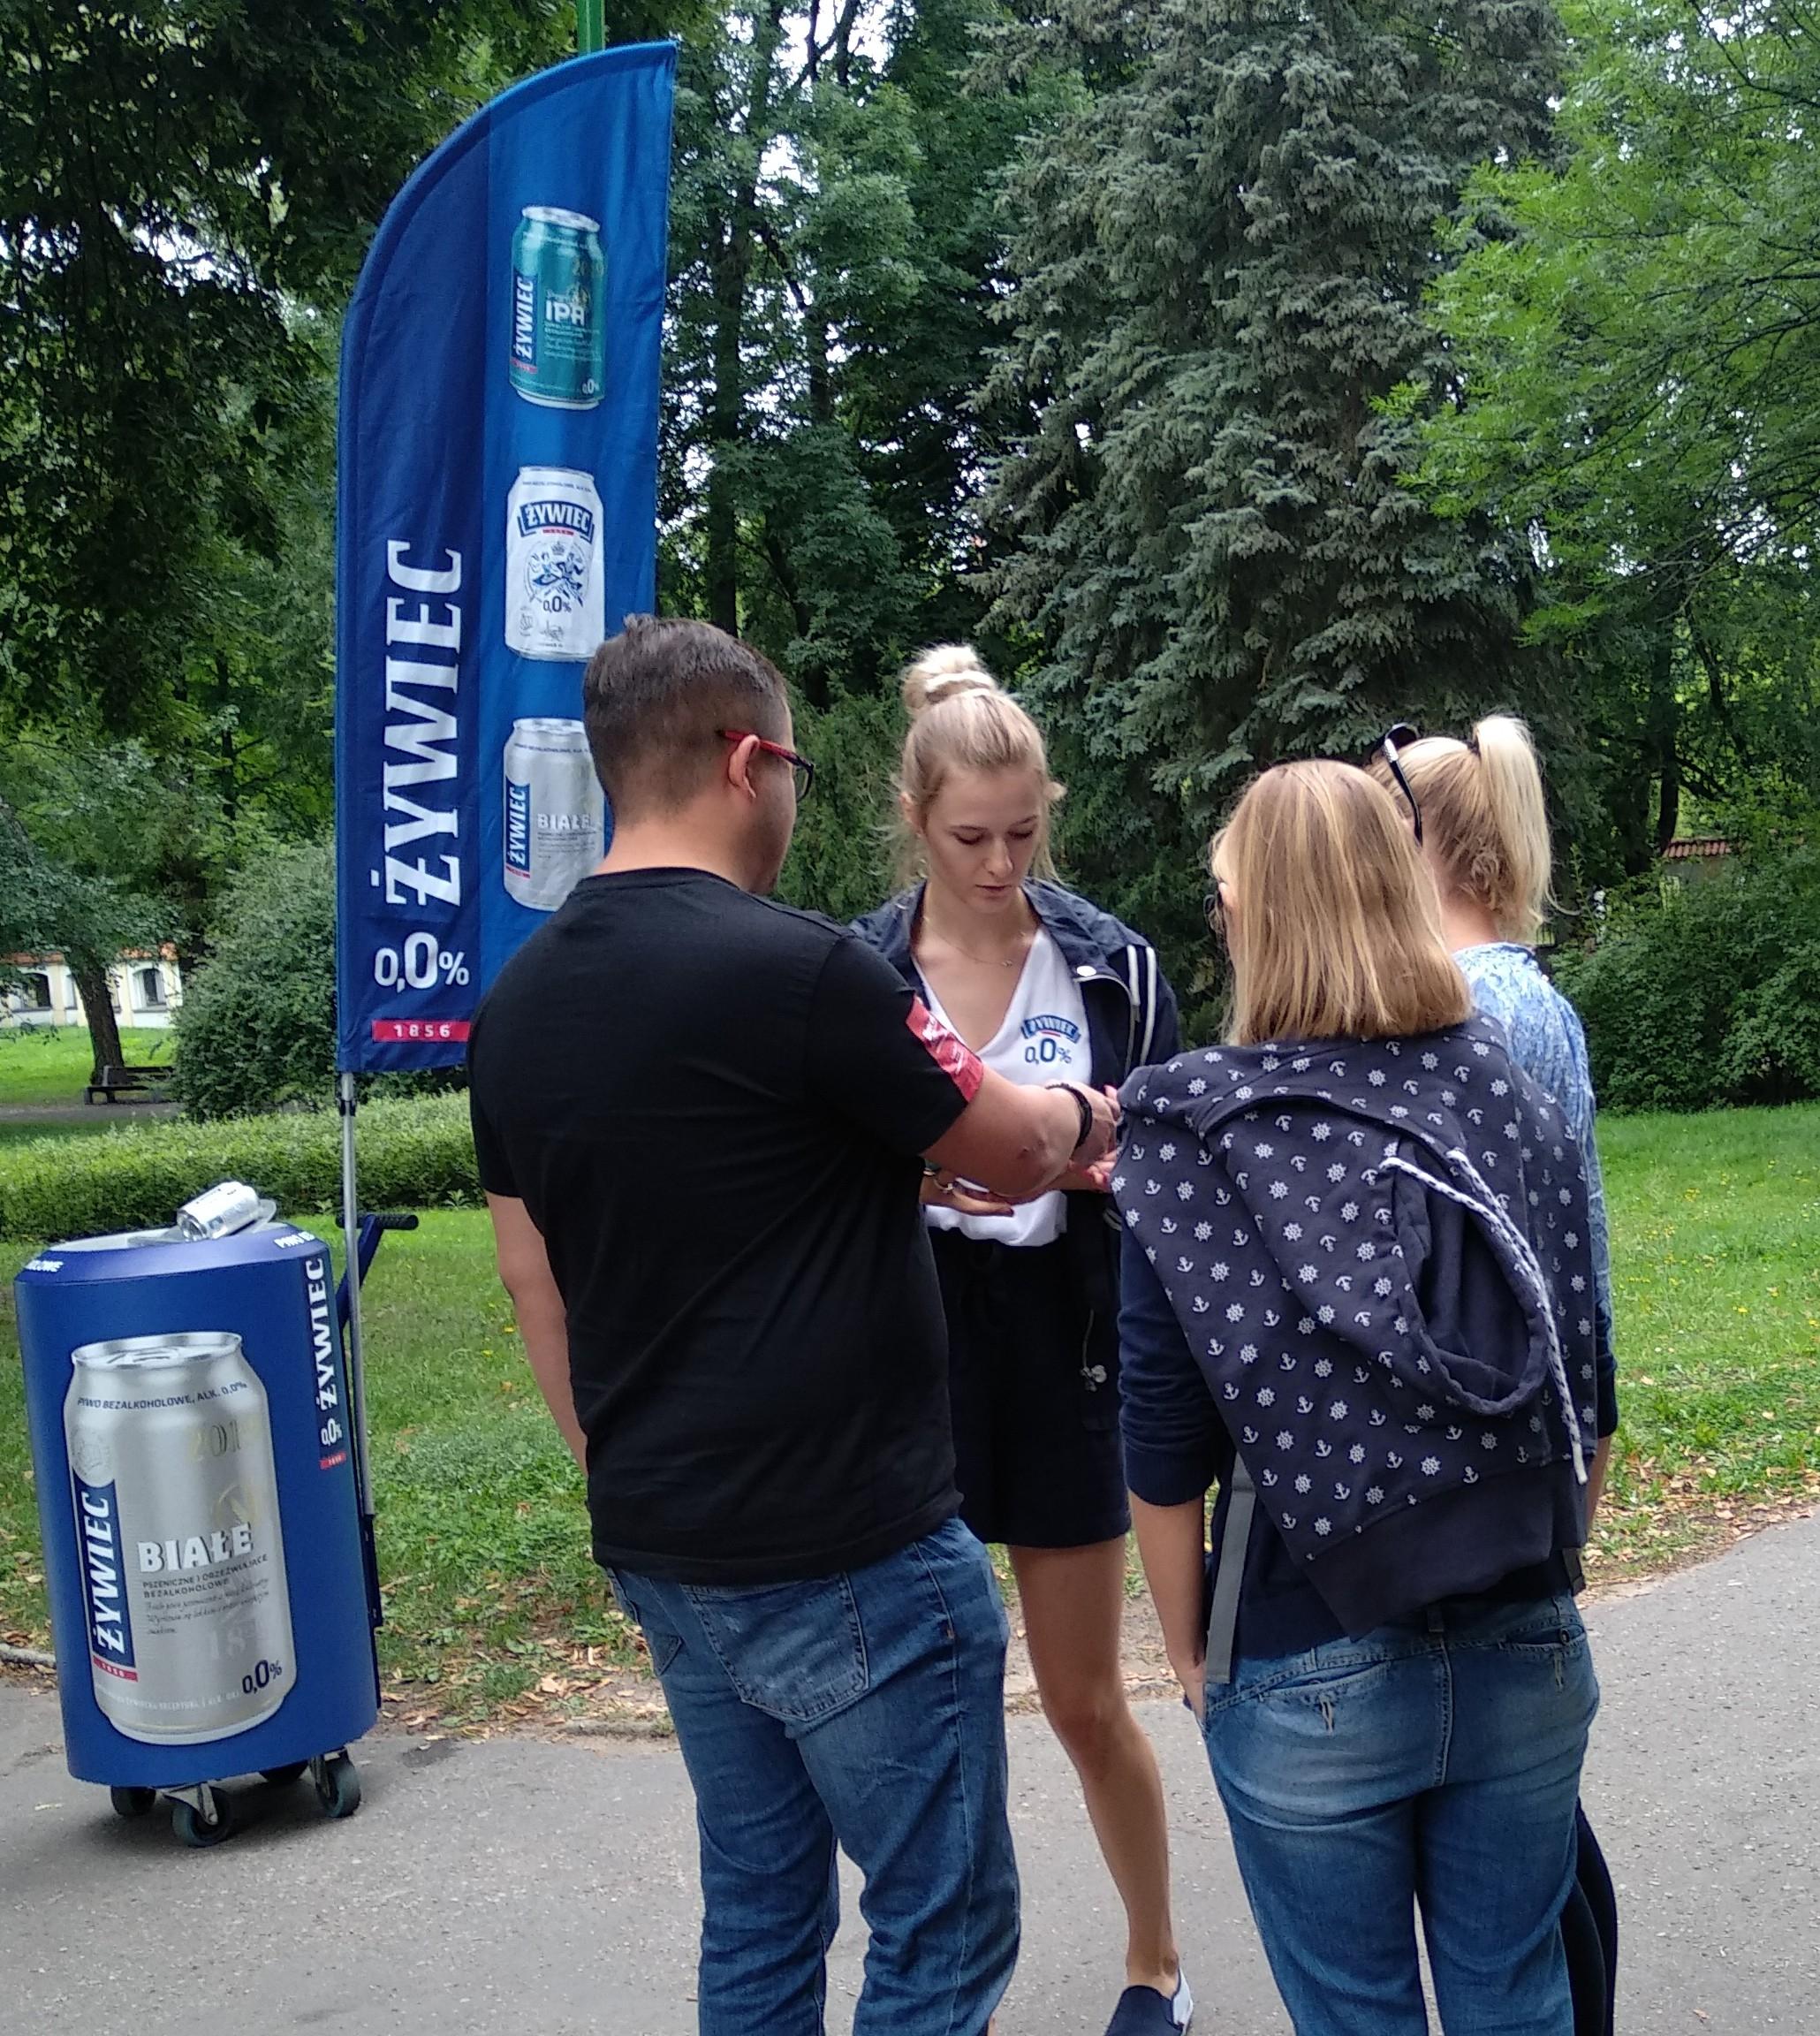 Żywiec 0 w Białymstoku za darmo PAŁAC BRANICKICH ŚNIADANIE MISTRZÓW